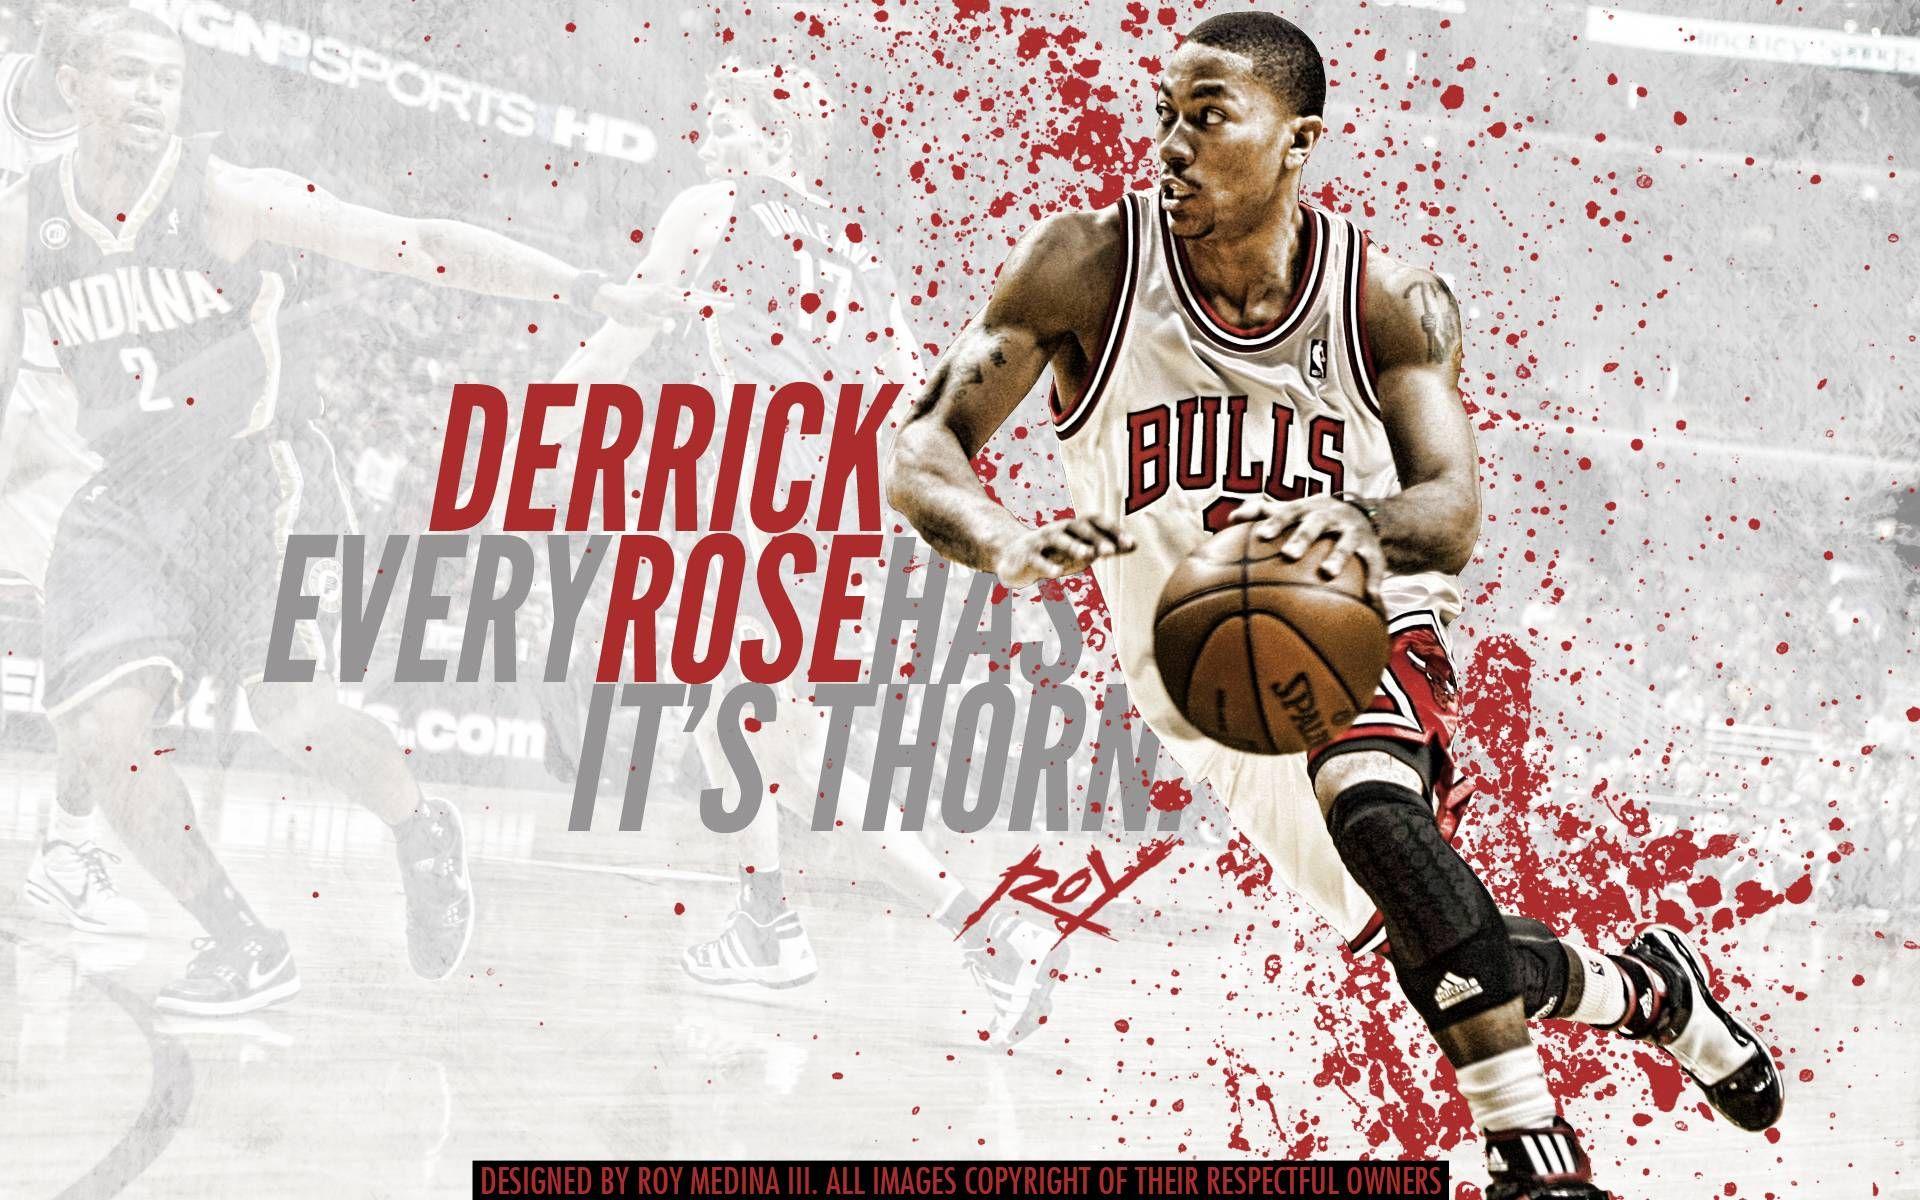 Derrick Rose Jersey Wallpaper 1920x1080 56 Wallpapers